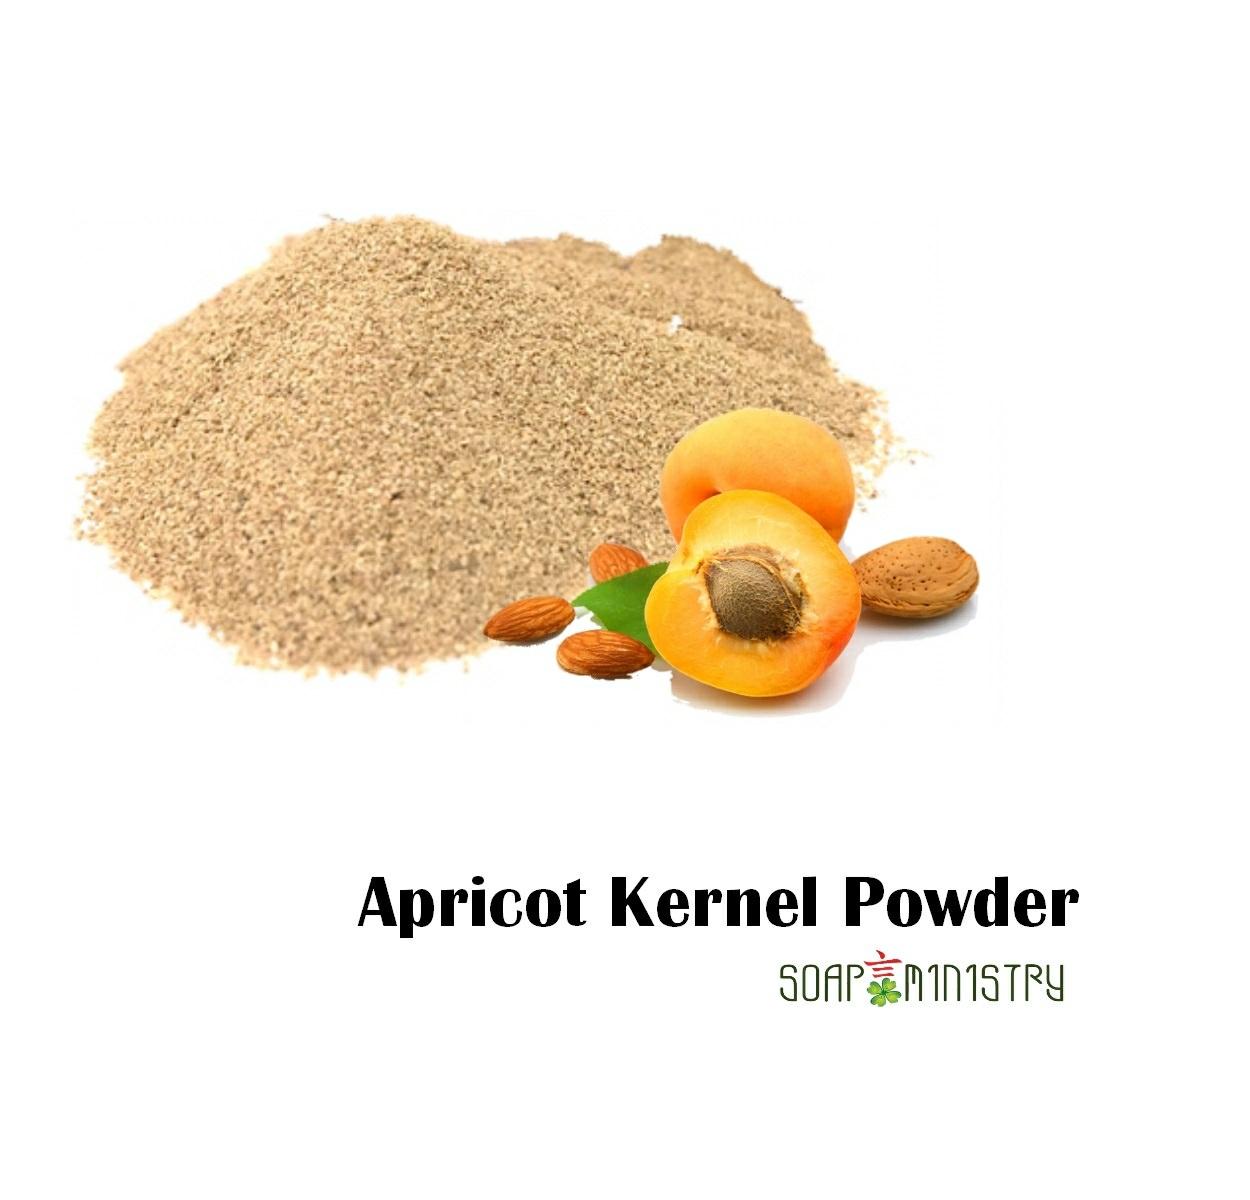 Apricot Kernel Powder 250g